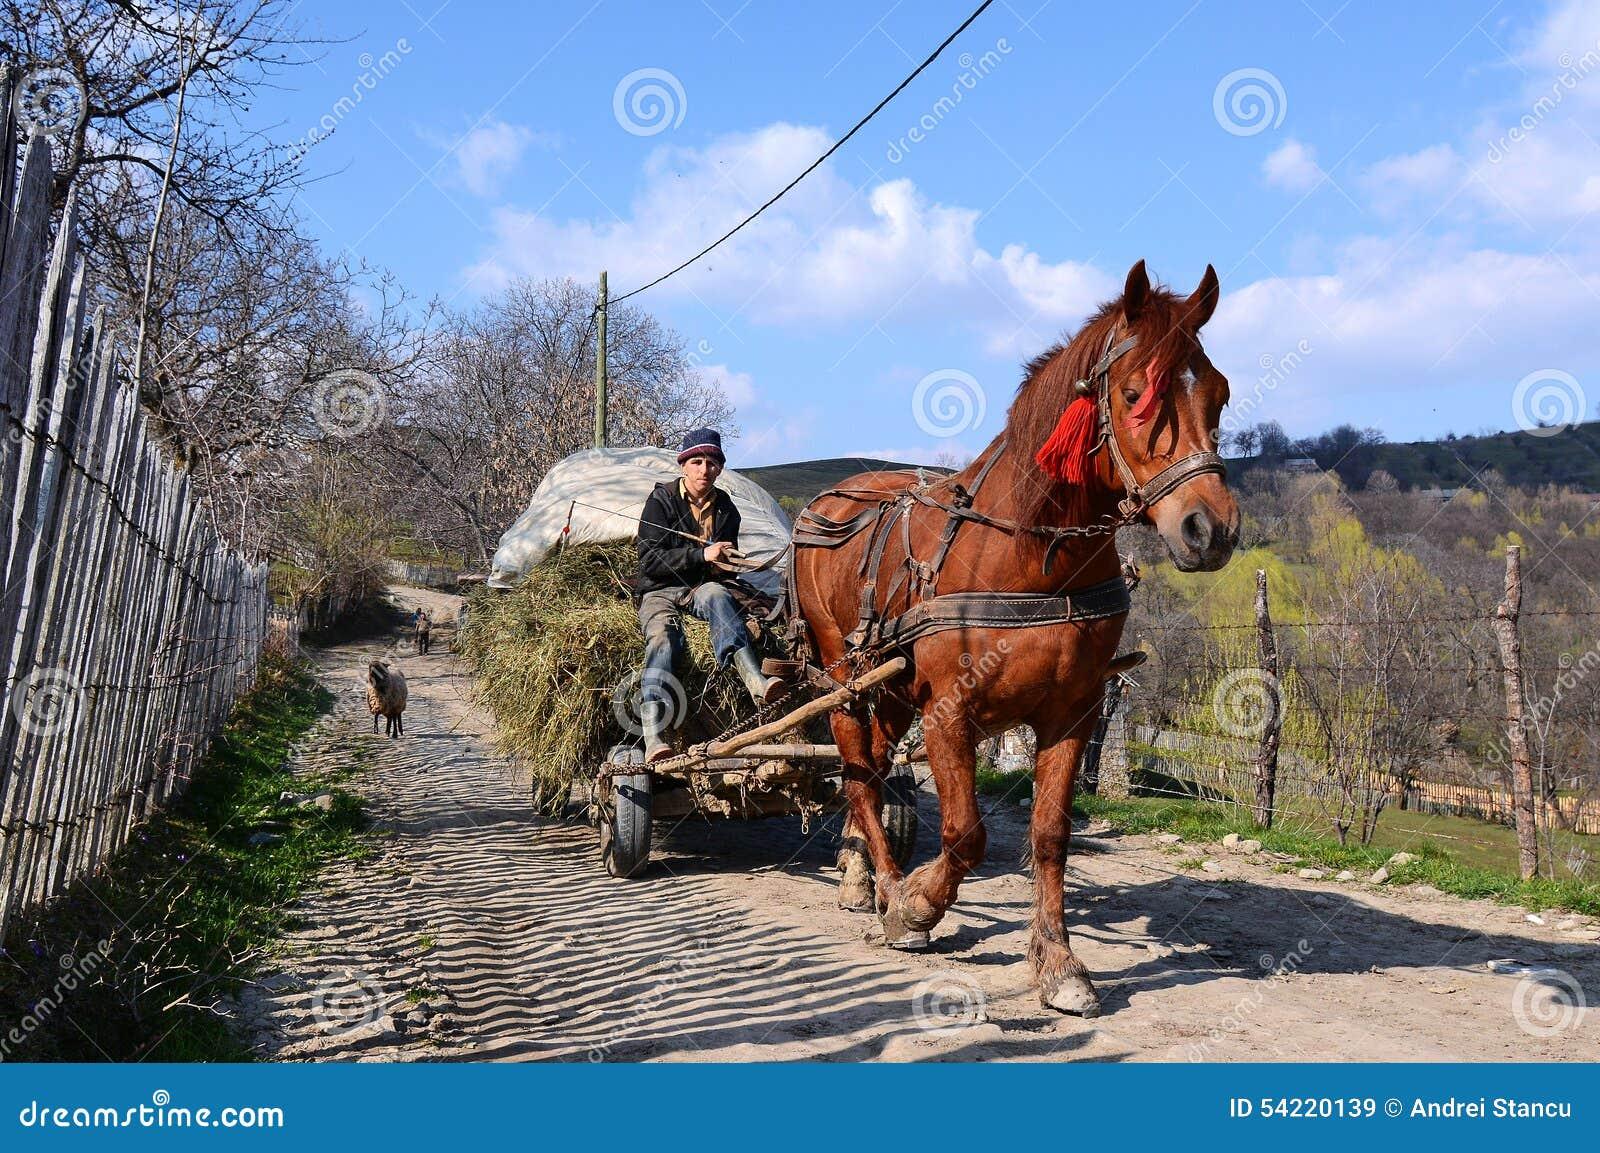 Fazendeiro romeno com cavalo e transporte